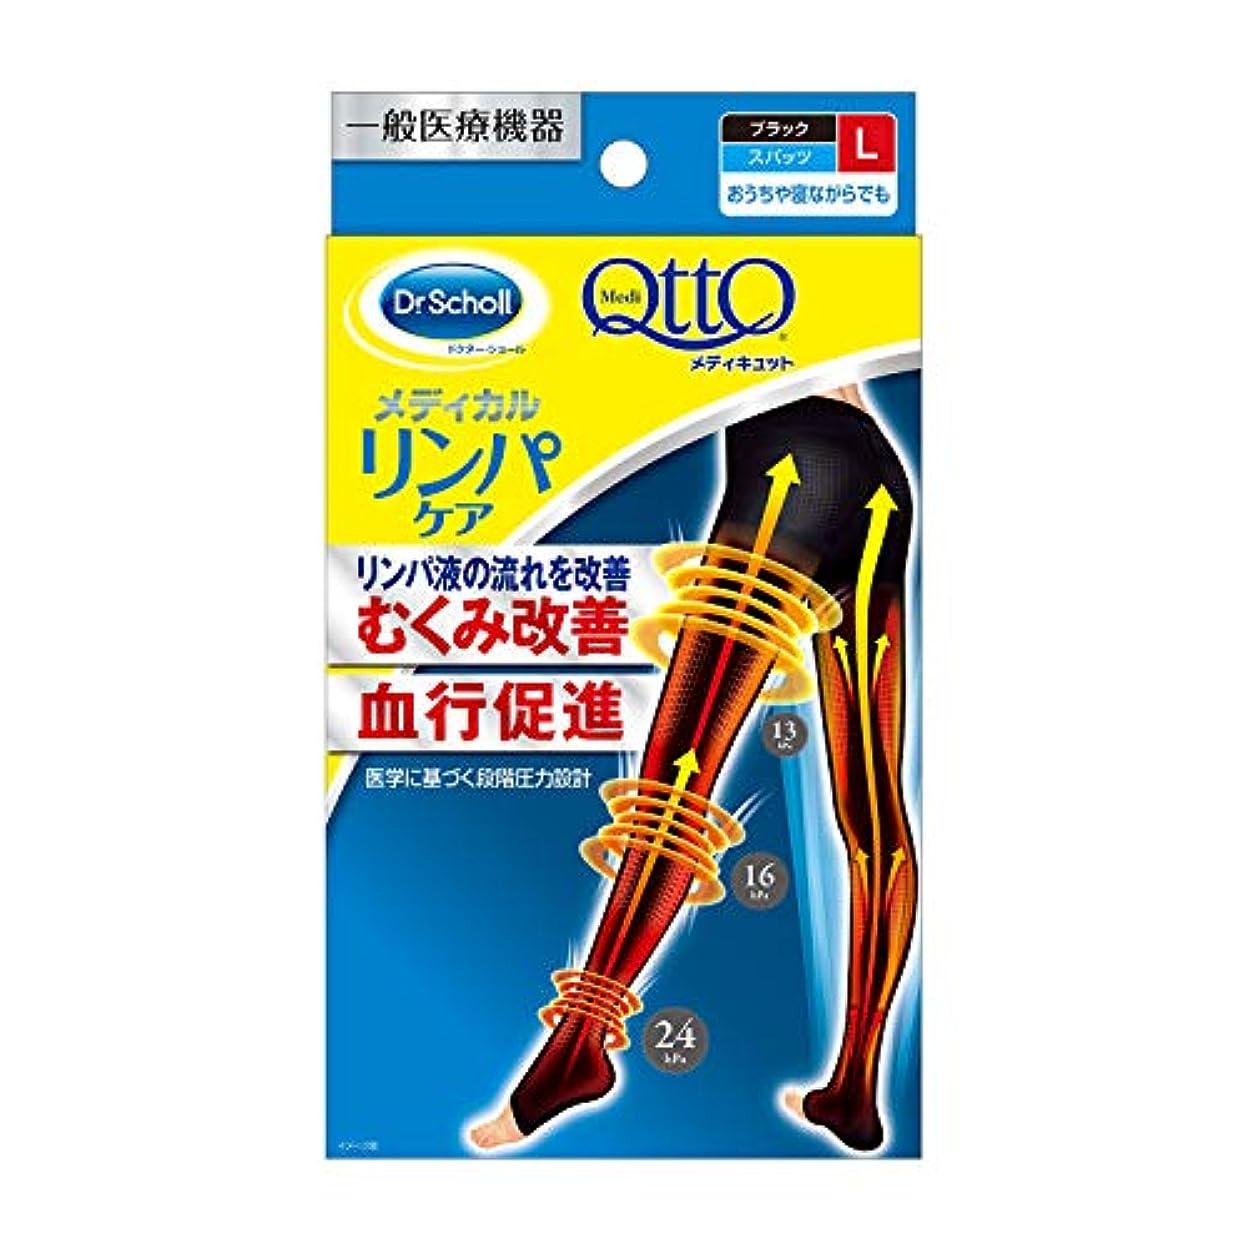 エラーイタリックエチケット一般医療機器 おうちでメディキュット リンパケア スパッツ L 着圧 加圧 血行改善 むくみケア 弾性 靴下